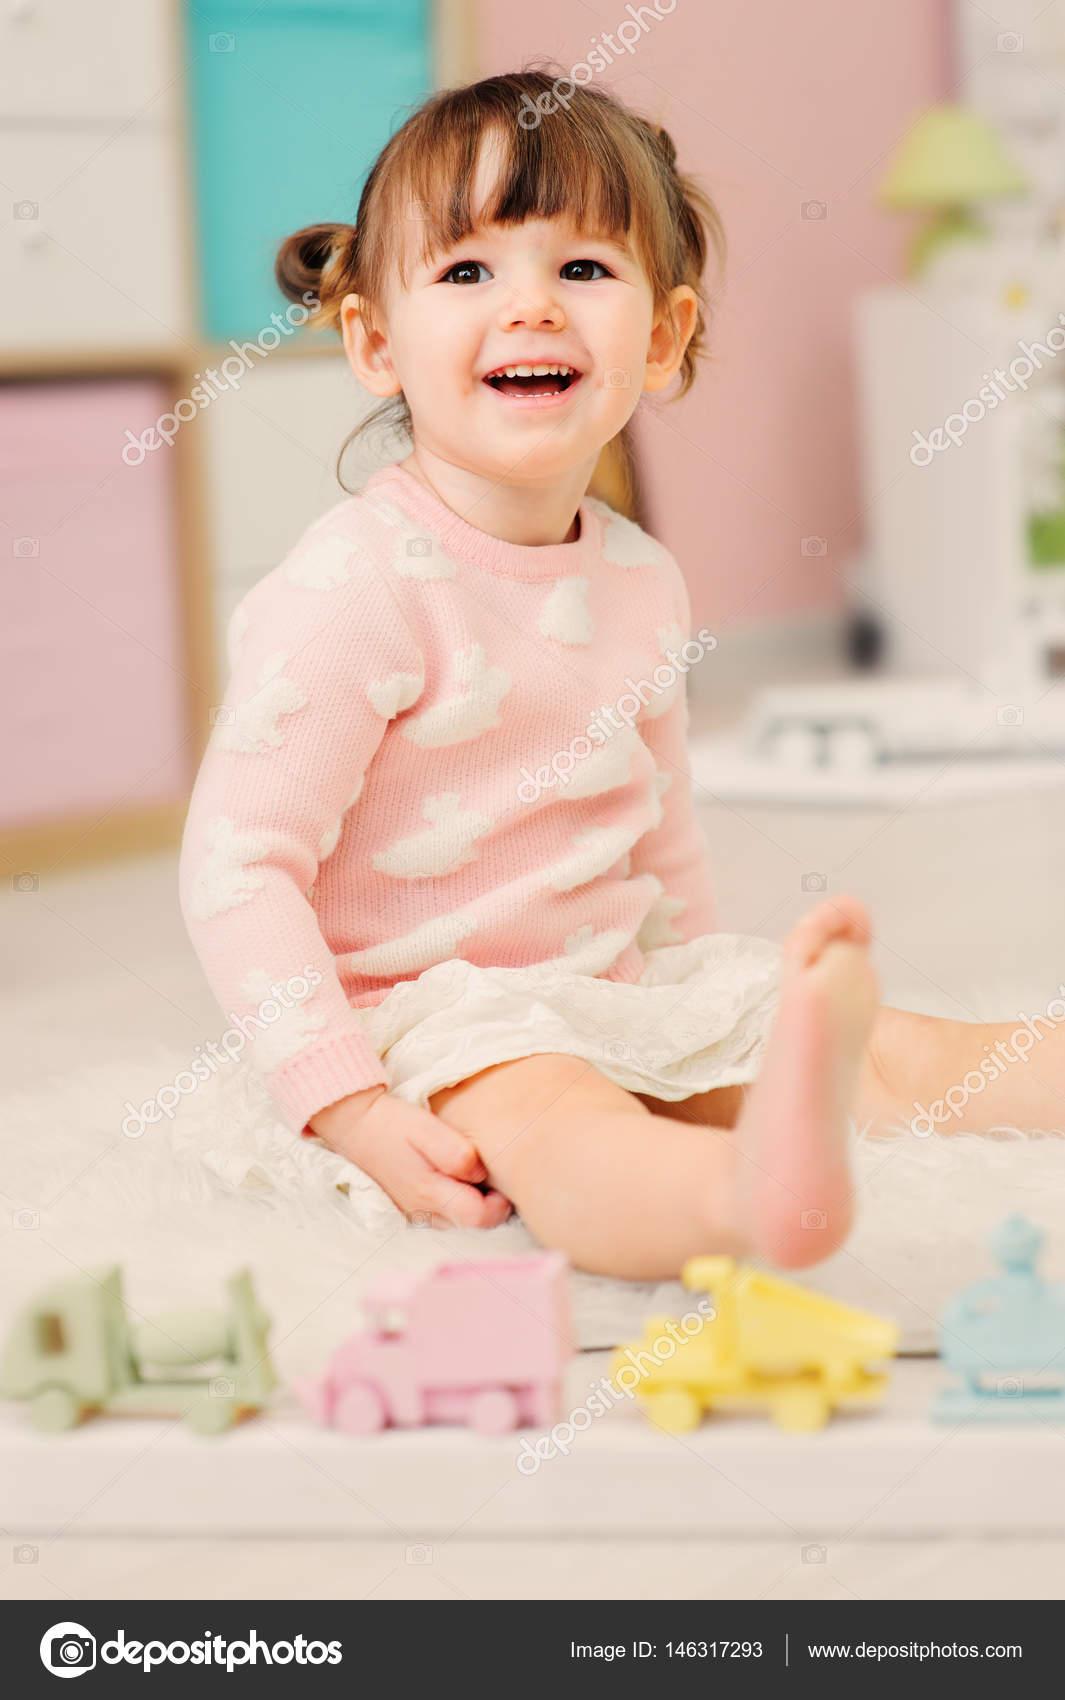 niedliche gl cklich 2 jahre alt m dchen spielen mit spielzeug zu hause moderne kinderzimmer. Black Bedroom Furniture Sets. Home Design Ideas